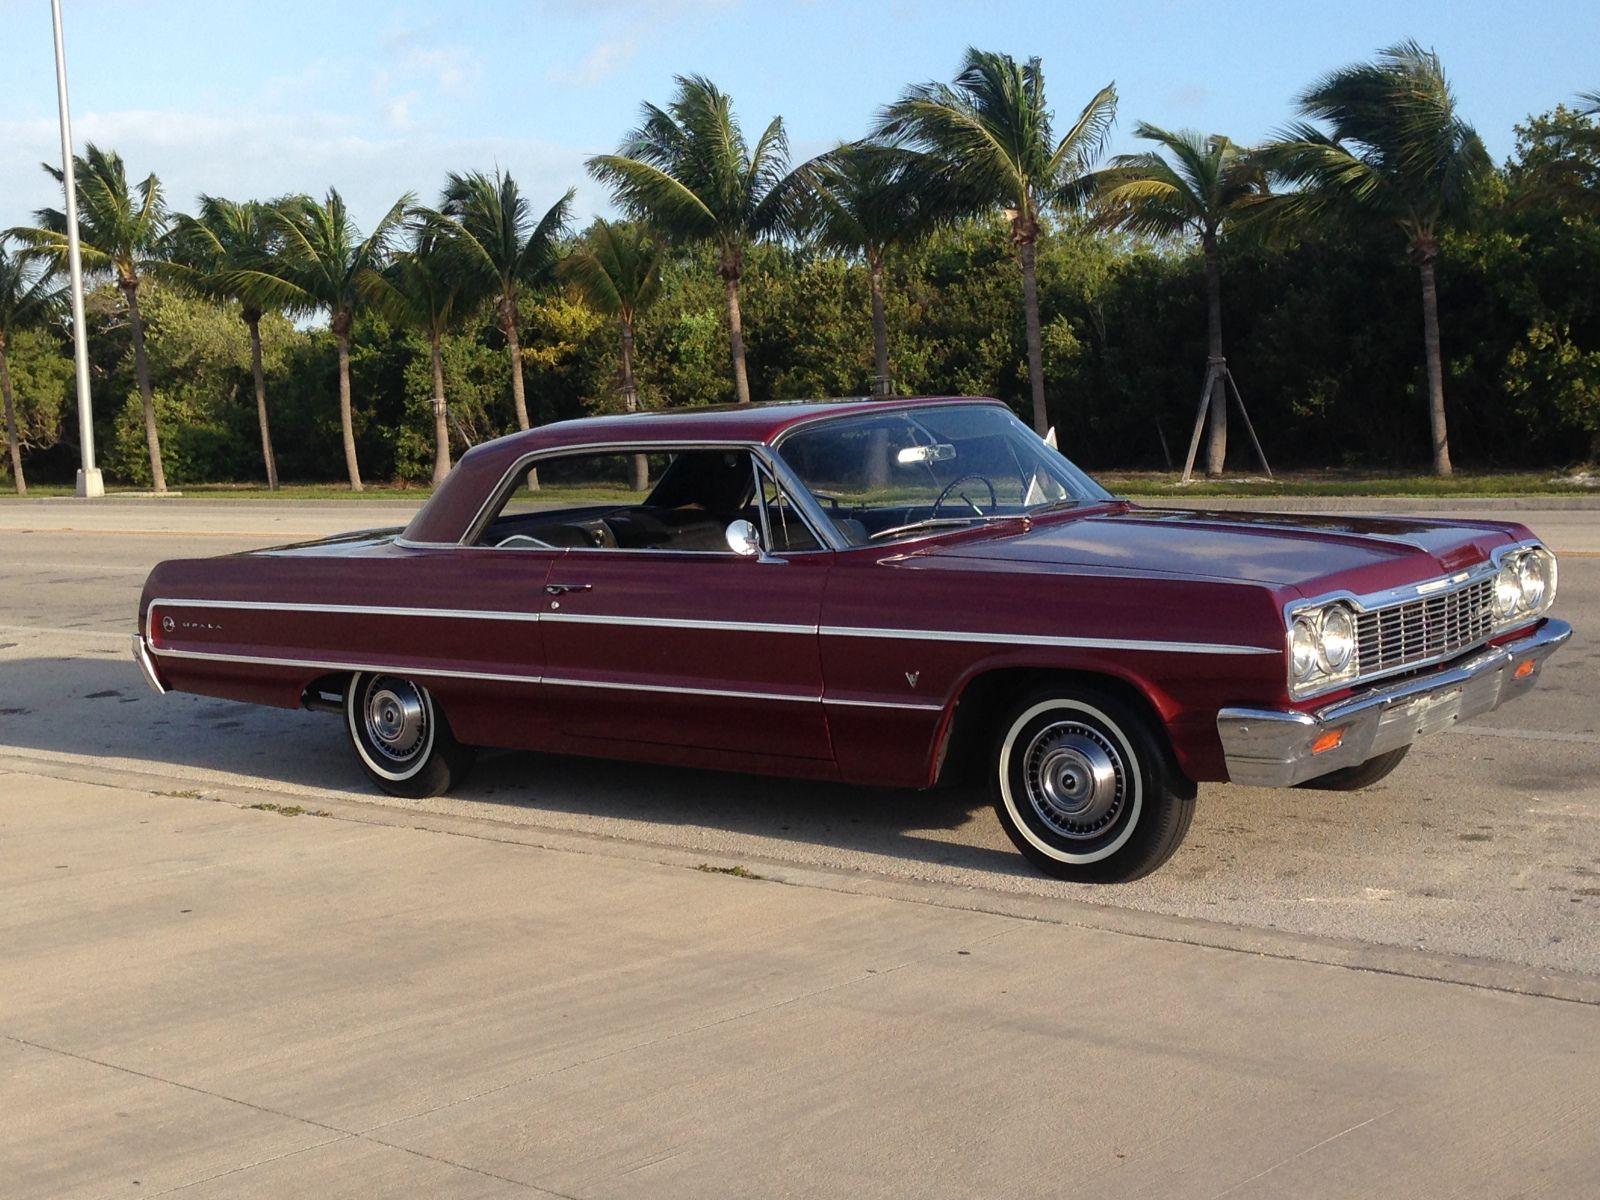 1964 Chevrolet Impala Sport Coupe Http Mrimpalasuatoparts Com